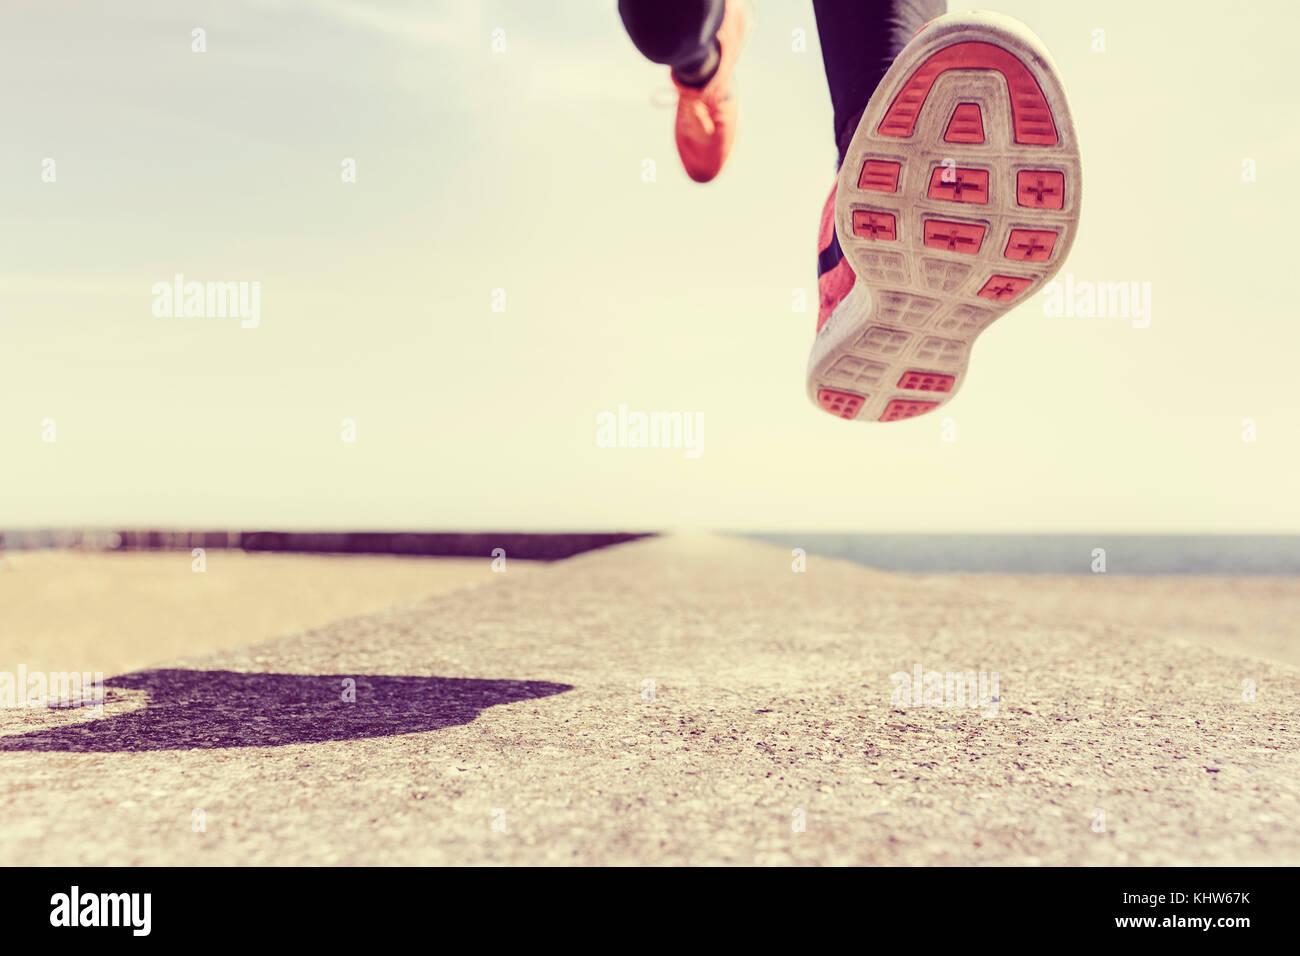 Junge Mann Laufen draußen, mittlere, niedrige Abschnitt Stockfoto